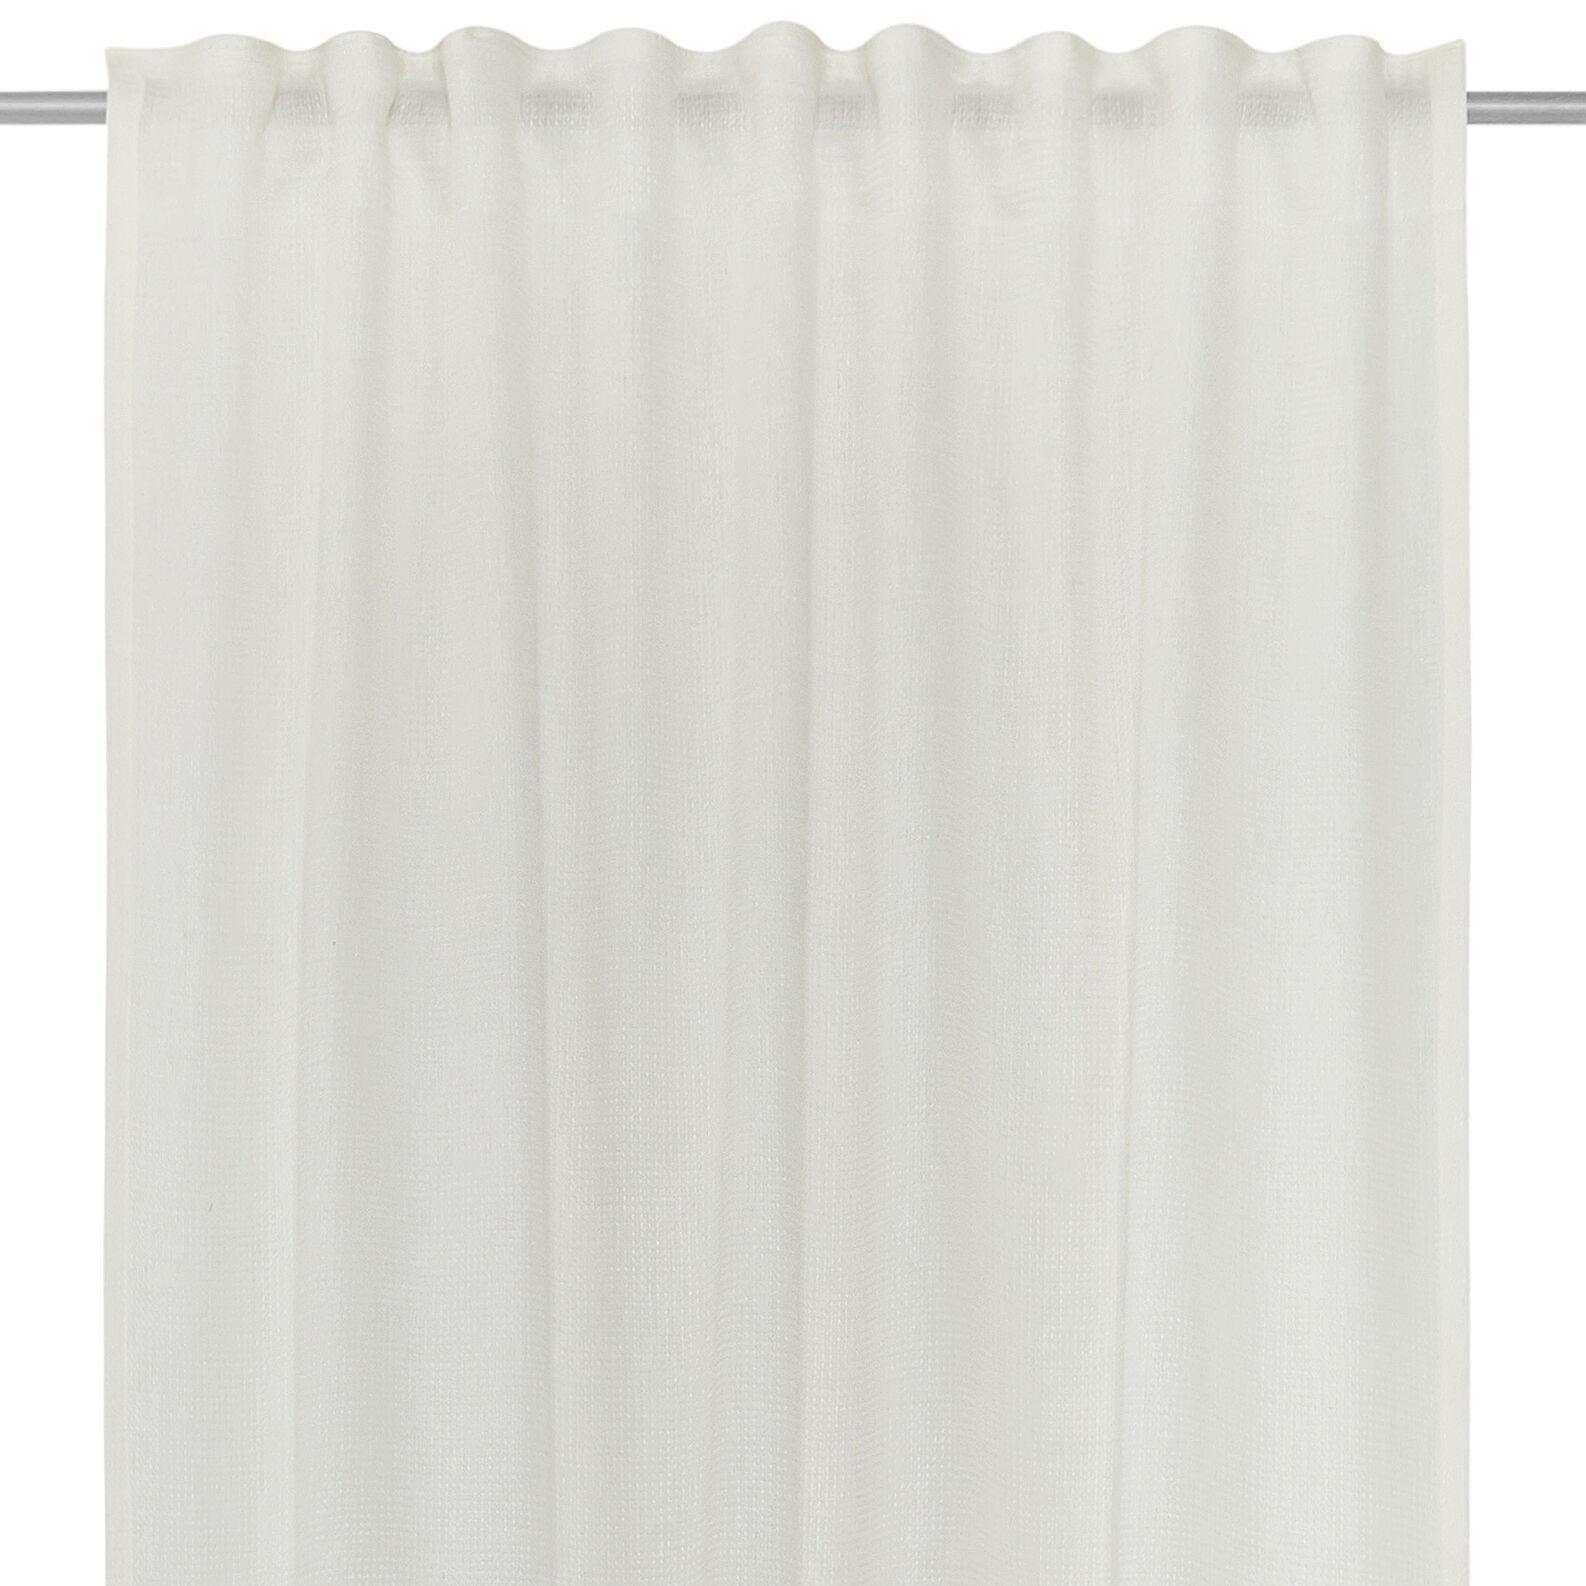 Linen blend curtain with hidden loops